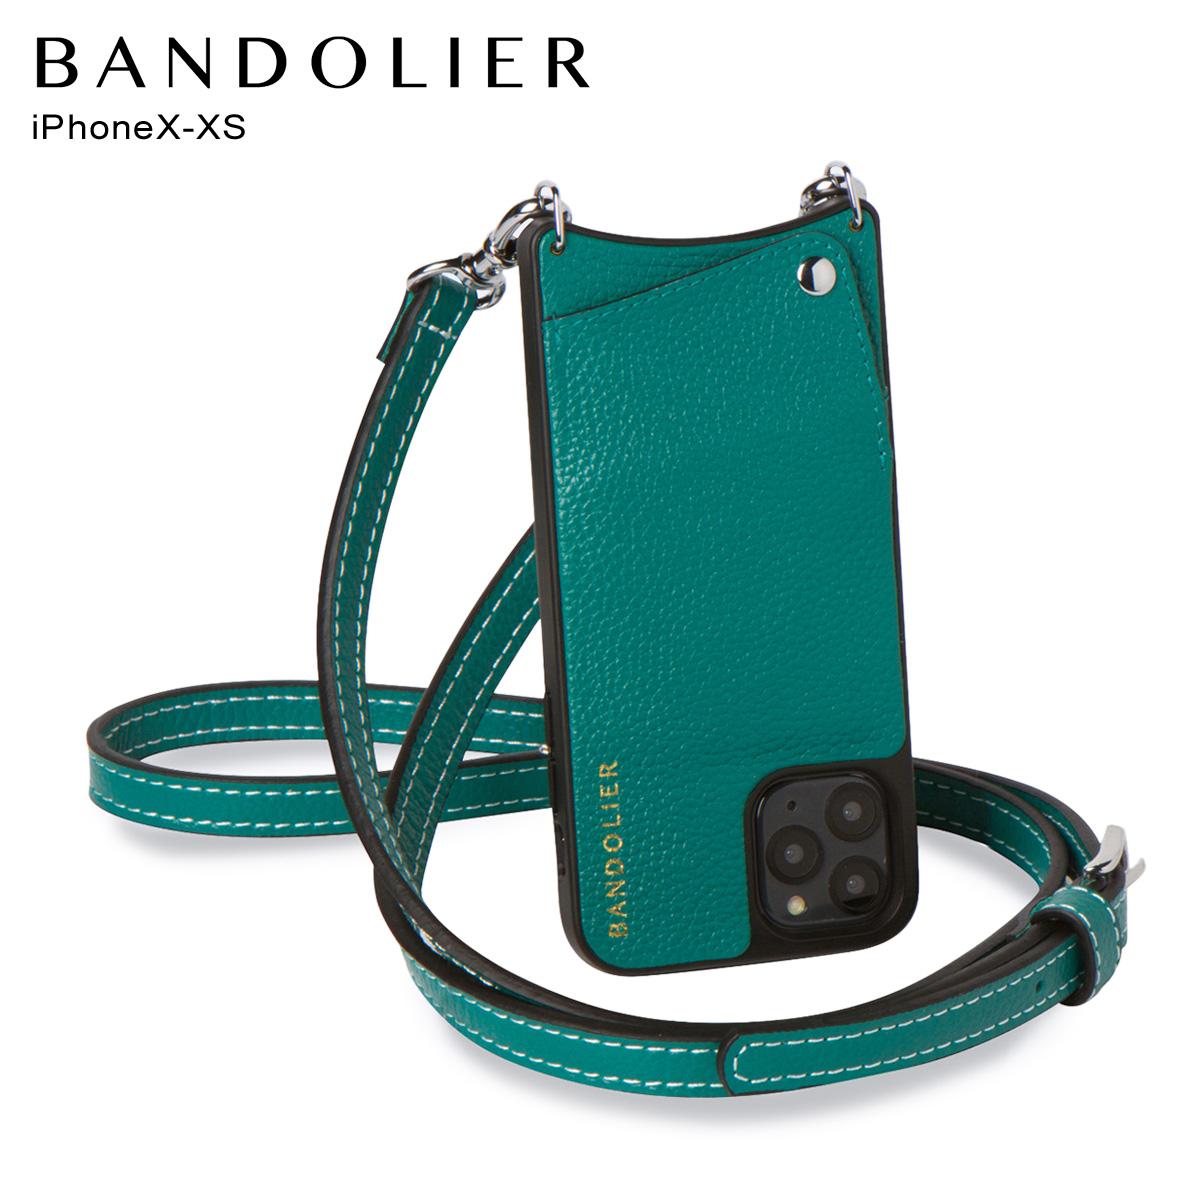 バンドリヤー BANDOLIER iPhone XS X ケース スマホ 携帯 ショルダー アイフォン ケイシー メンズ レディース CASEY グリーン 10CAS [4/13 新入荷]